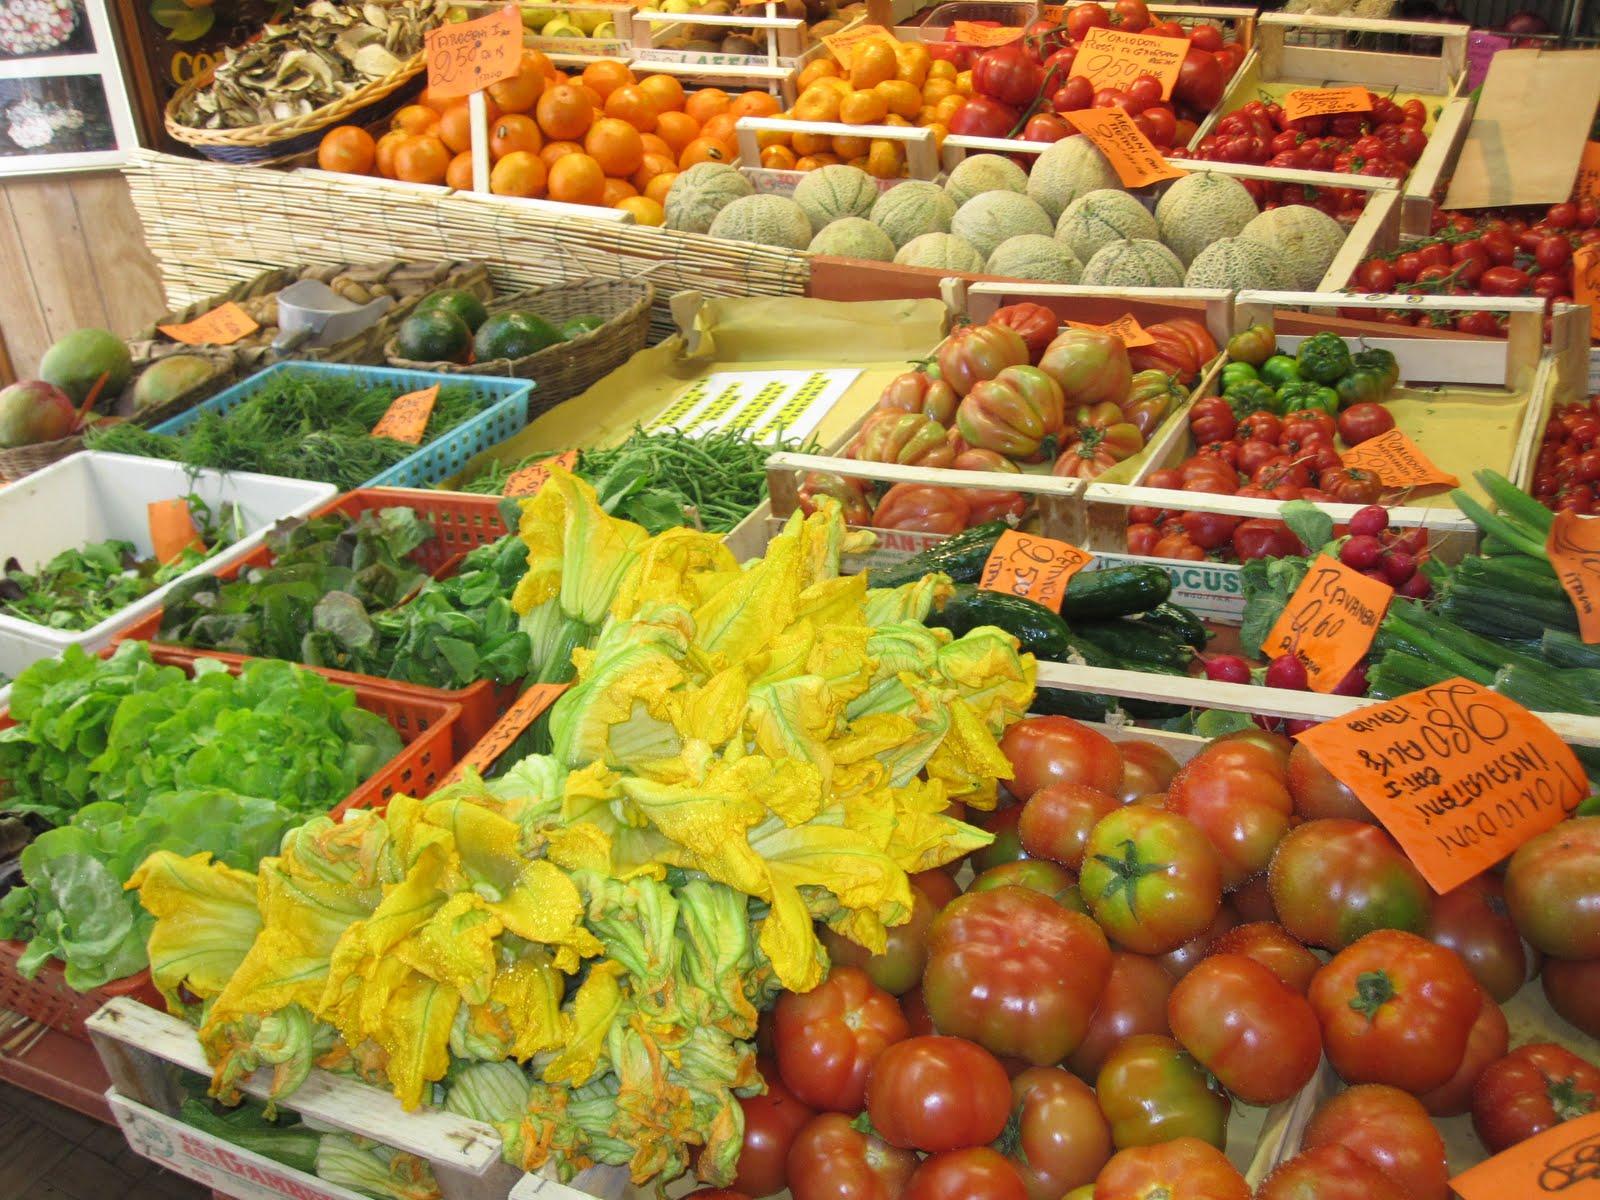 Frutta e verdura lasud quotidiano online for Frutta online